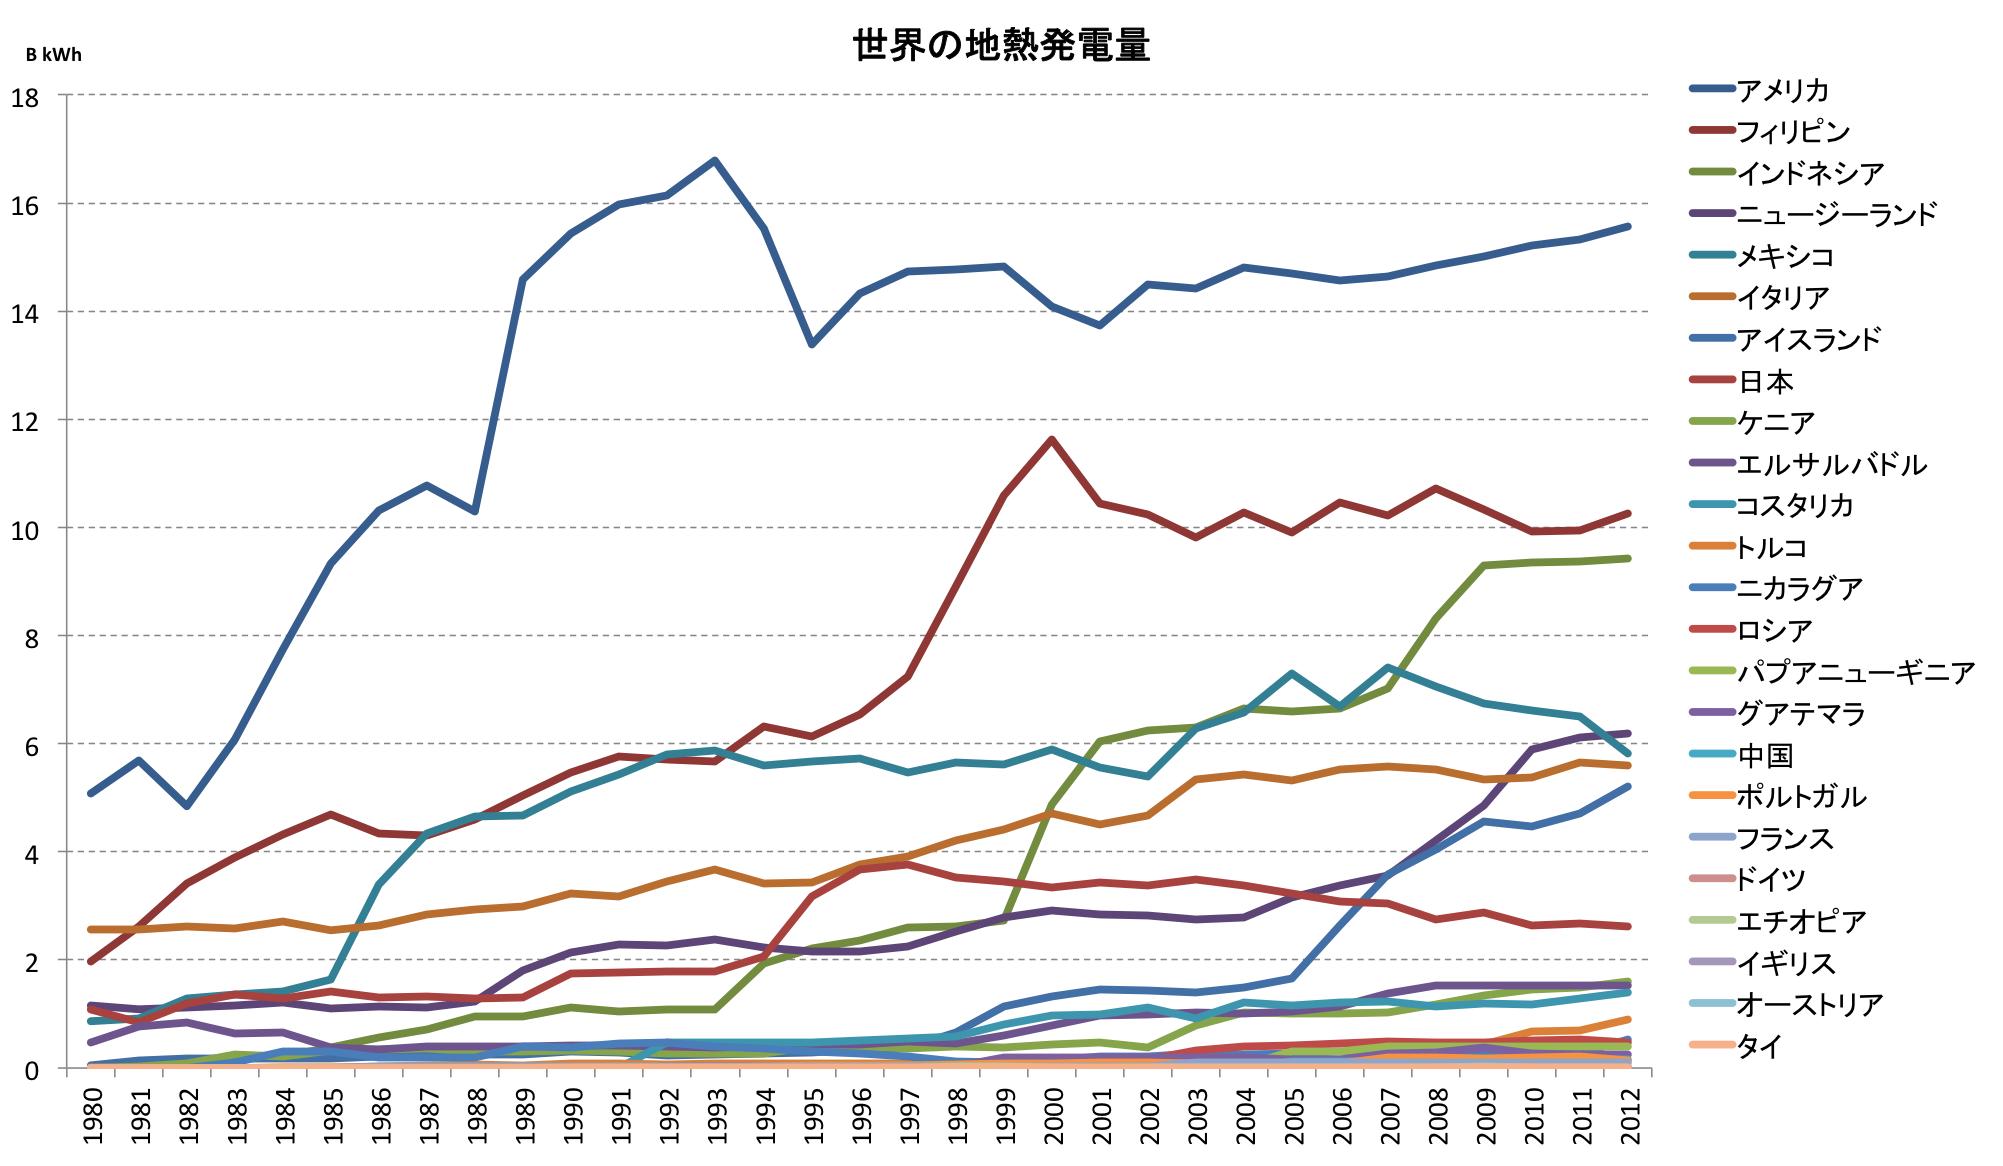 世界の地熱発電量ランキング